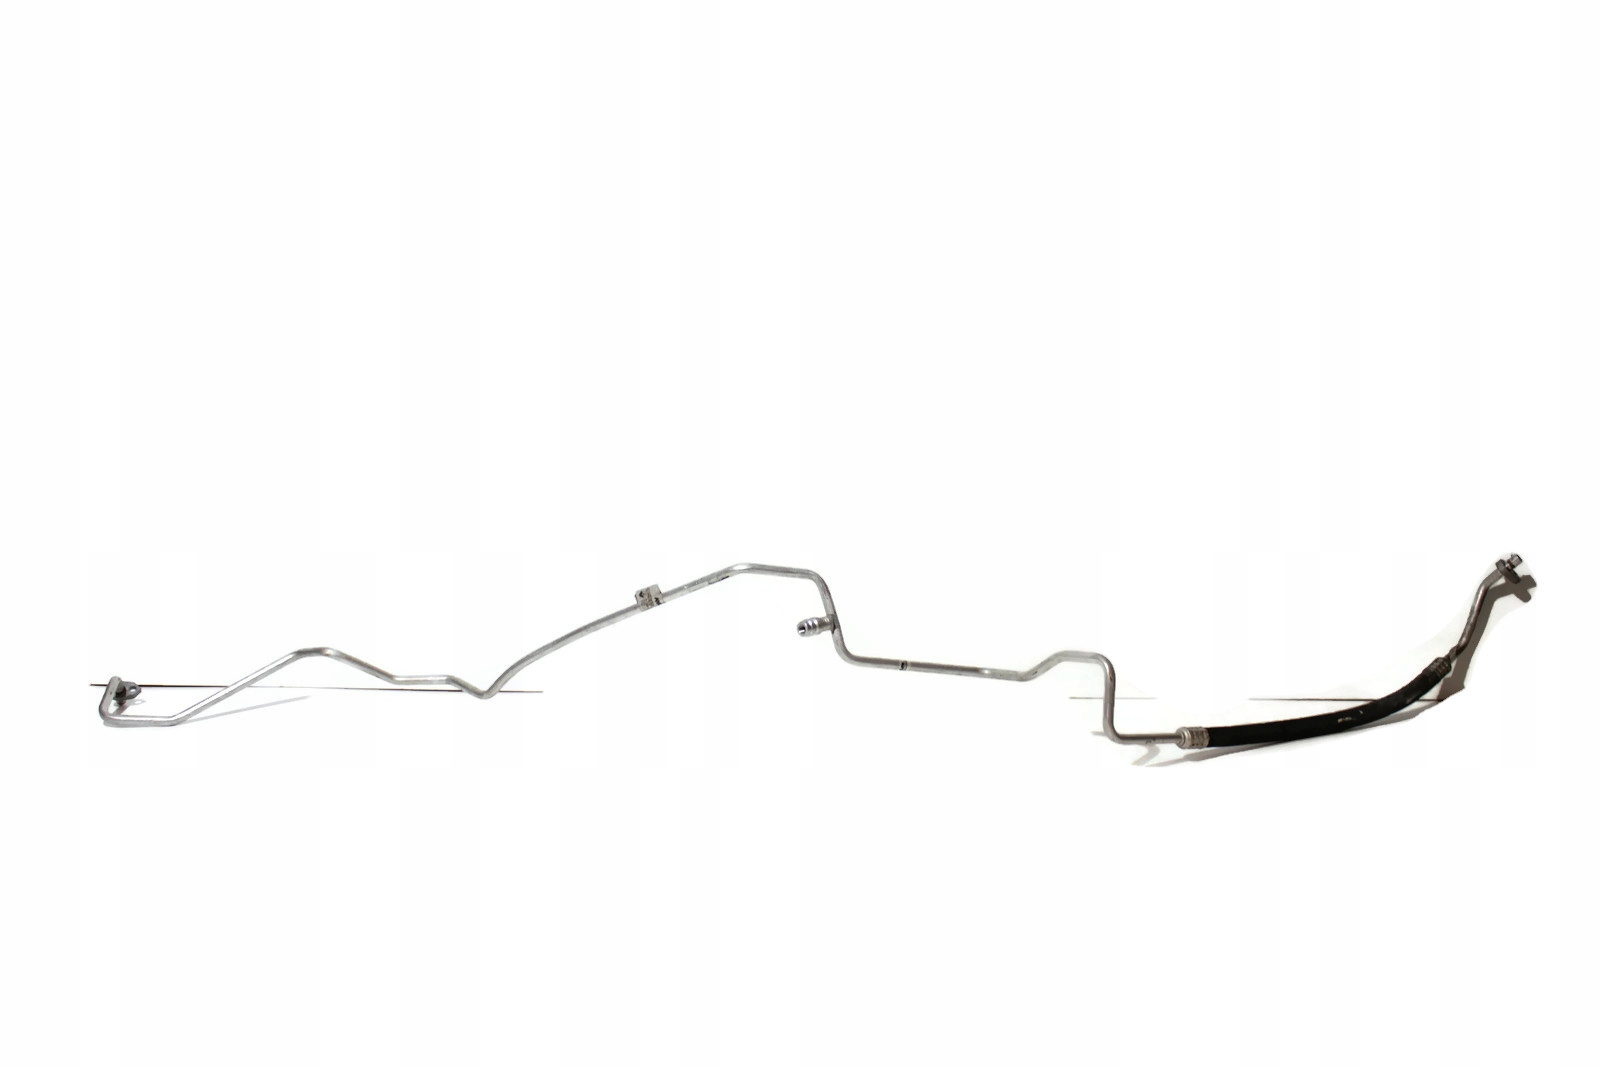 кабель кондиционирования воздуха renault master 23 dci жидкой фазы